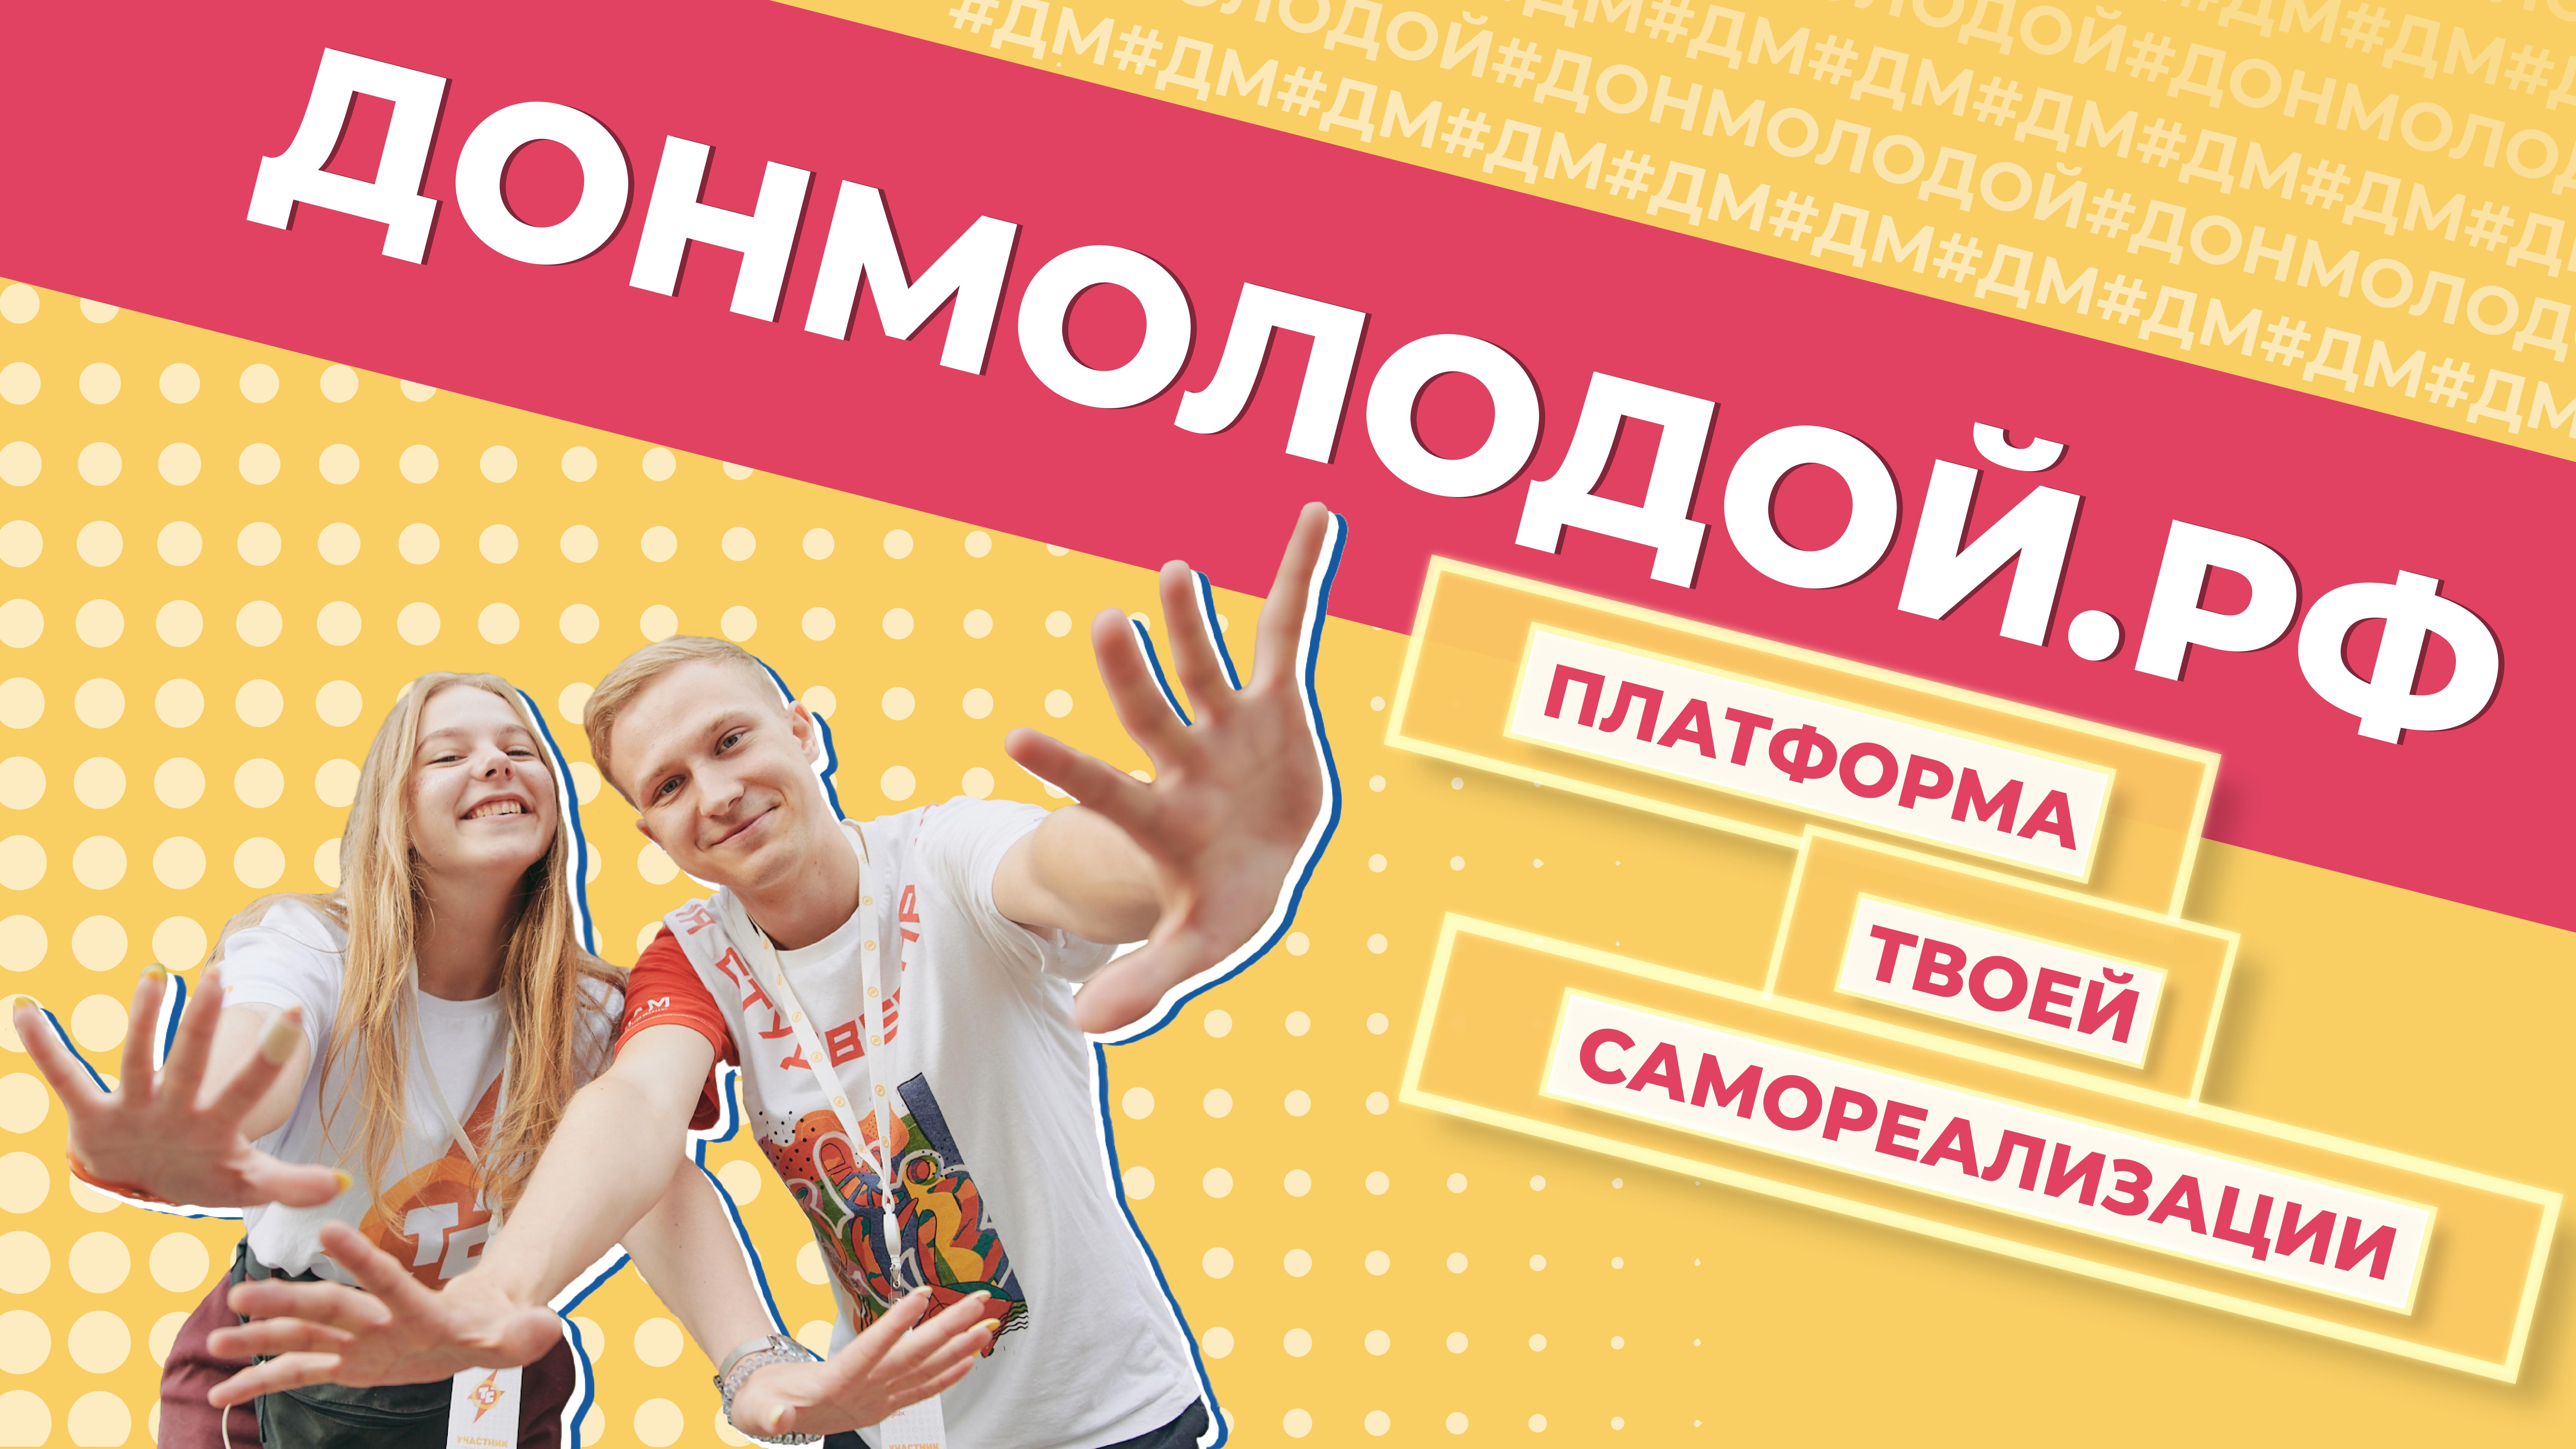 Платформа самореализации Донмолодой.рф